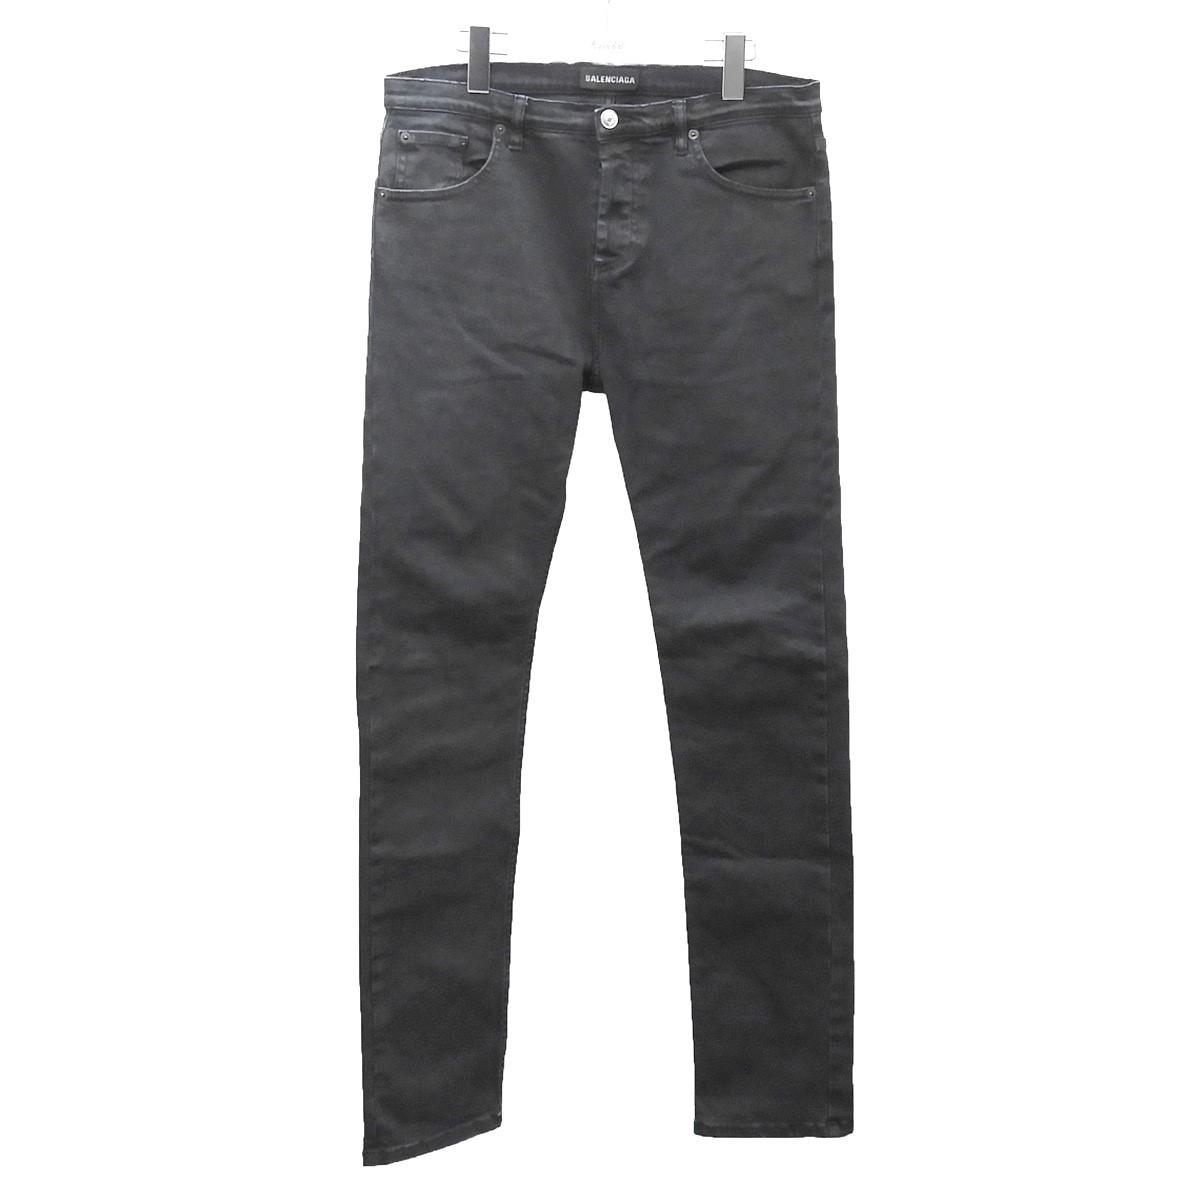 【中古】BALENCIAGA ストレッチデニムパンツ ブラック サイズ:30 【310720】(バレンシアガ)